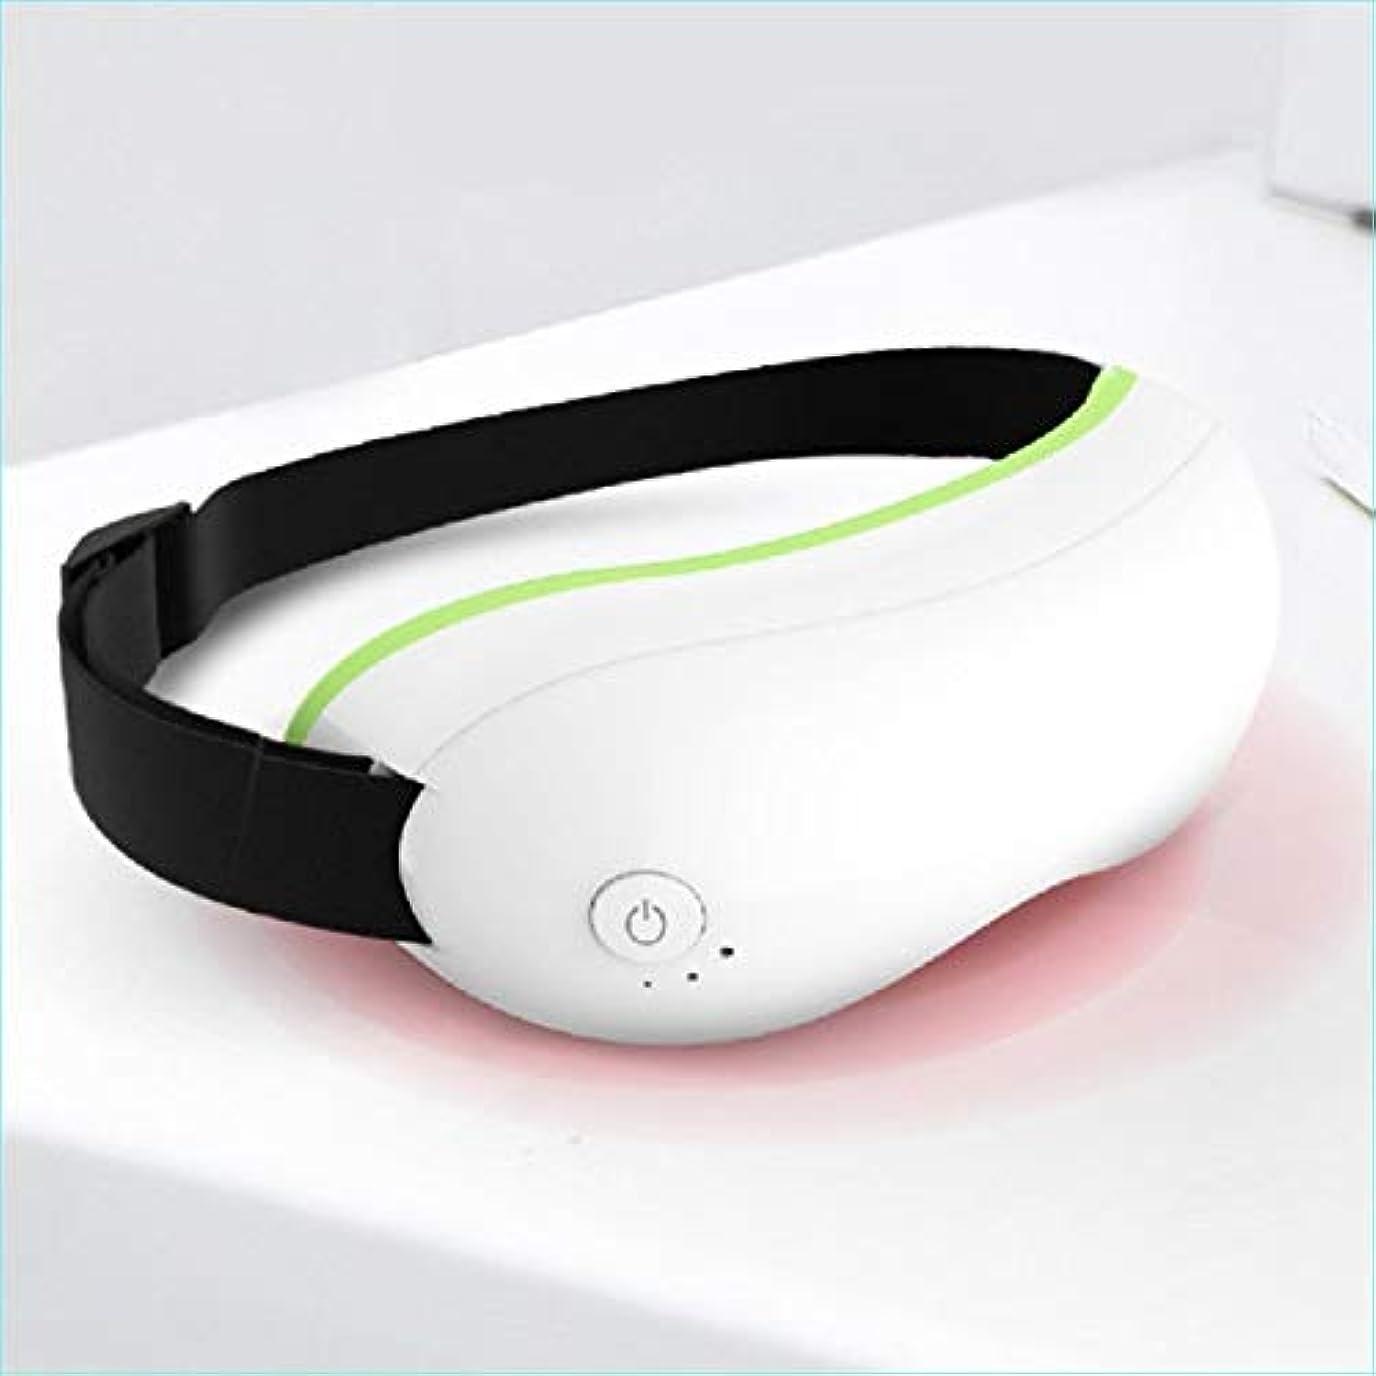 政治家のシュガー巨大なMeet now 暖房付きの高度な充電式ワイヤレスインテリジェント振動アイマッサージ 品質保証 (Color : White)